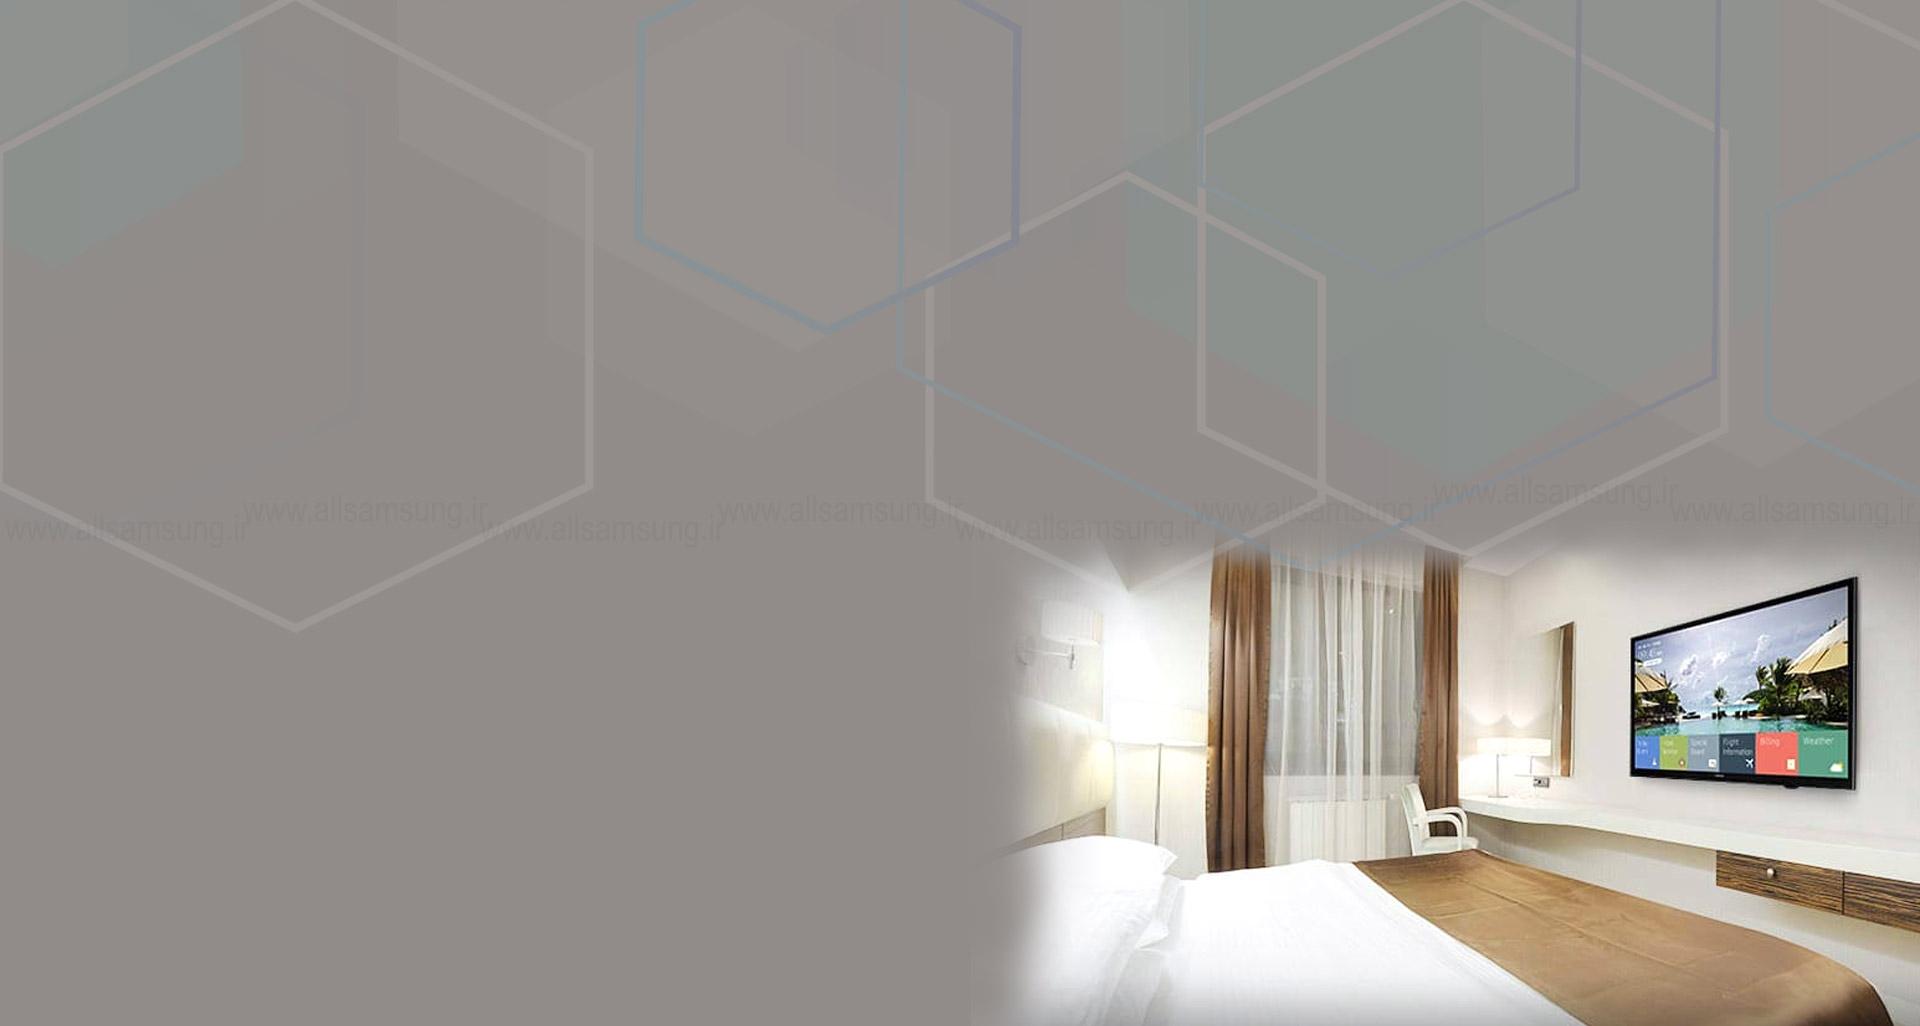 ارائه سرویس های محتوایی براساس IP برای مهمانان از طریق نمایشگرهای هتلی HE590